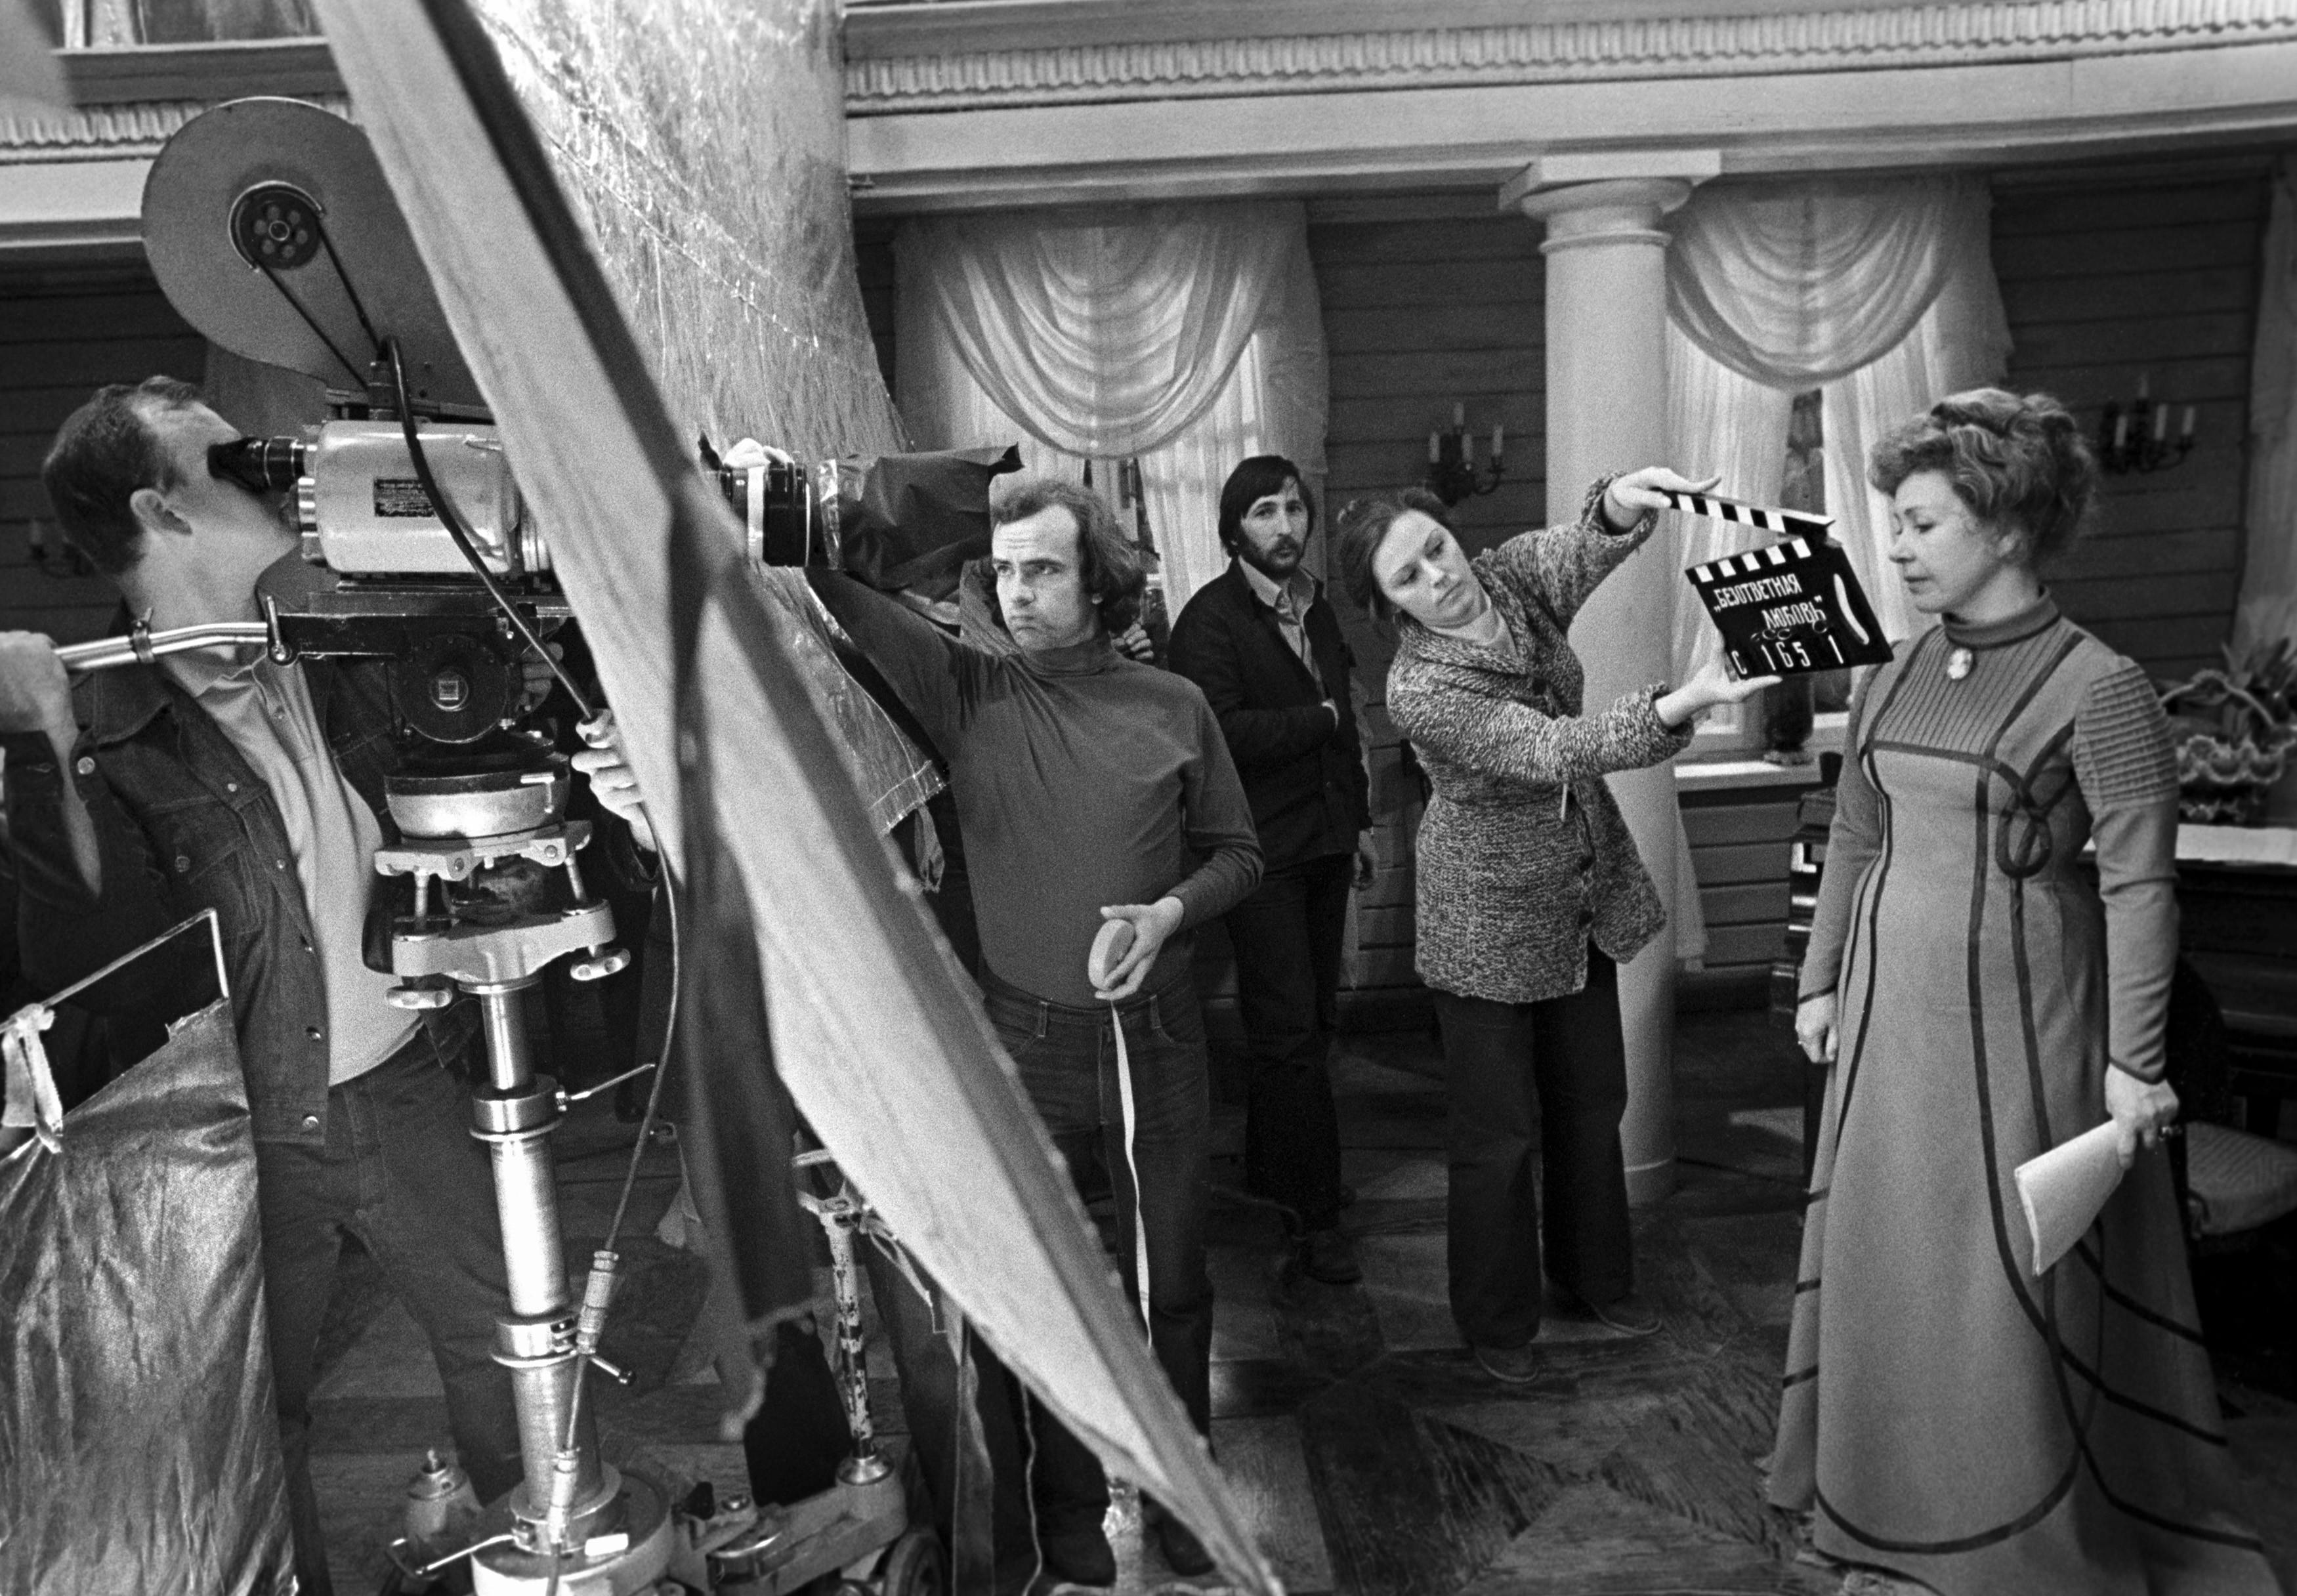 Инна Макарова накиностудии «Мосфильм» вовремя съемок фильма «Безответная любовь», 1979 год.